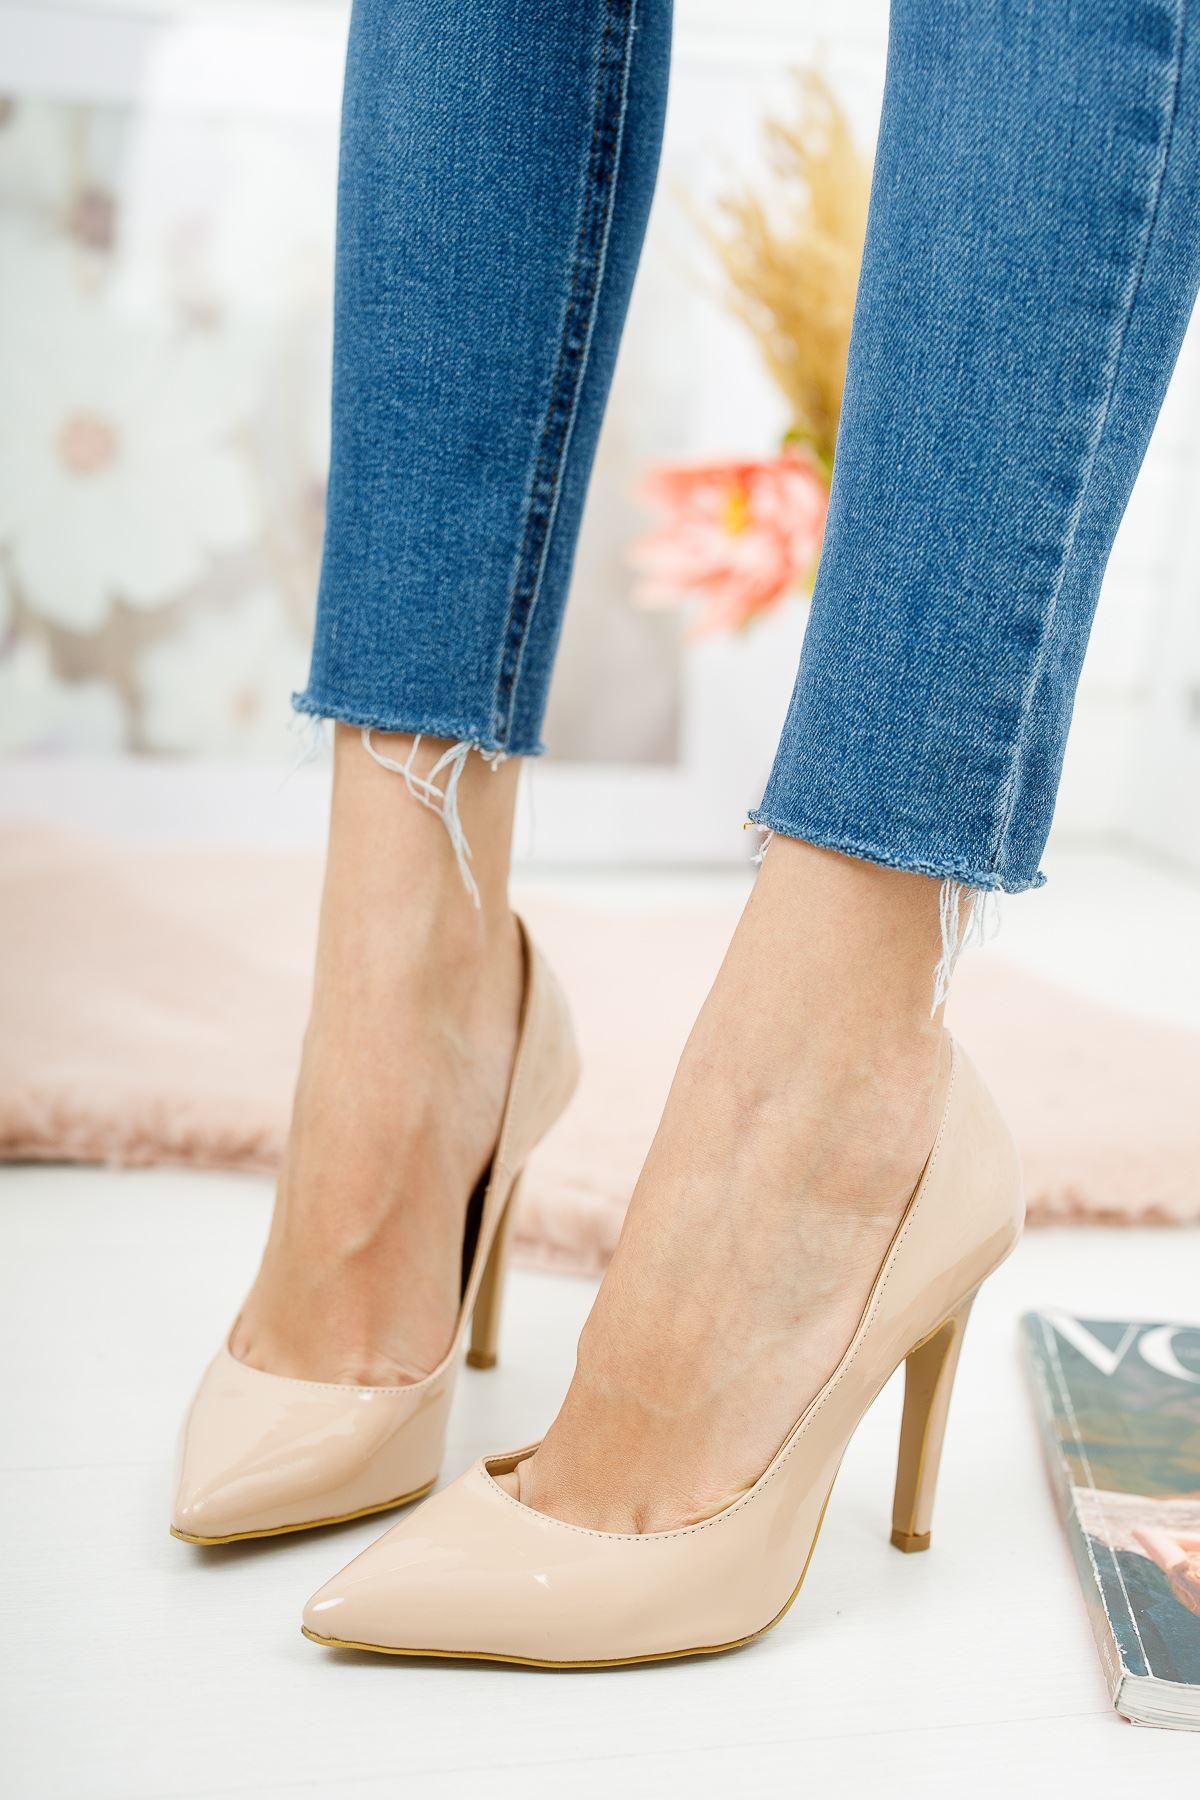 Tokyo Nude Rugan Kadın Topuklu Ayakkabı Stiletto